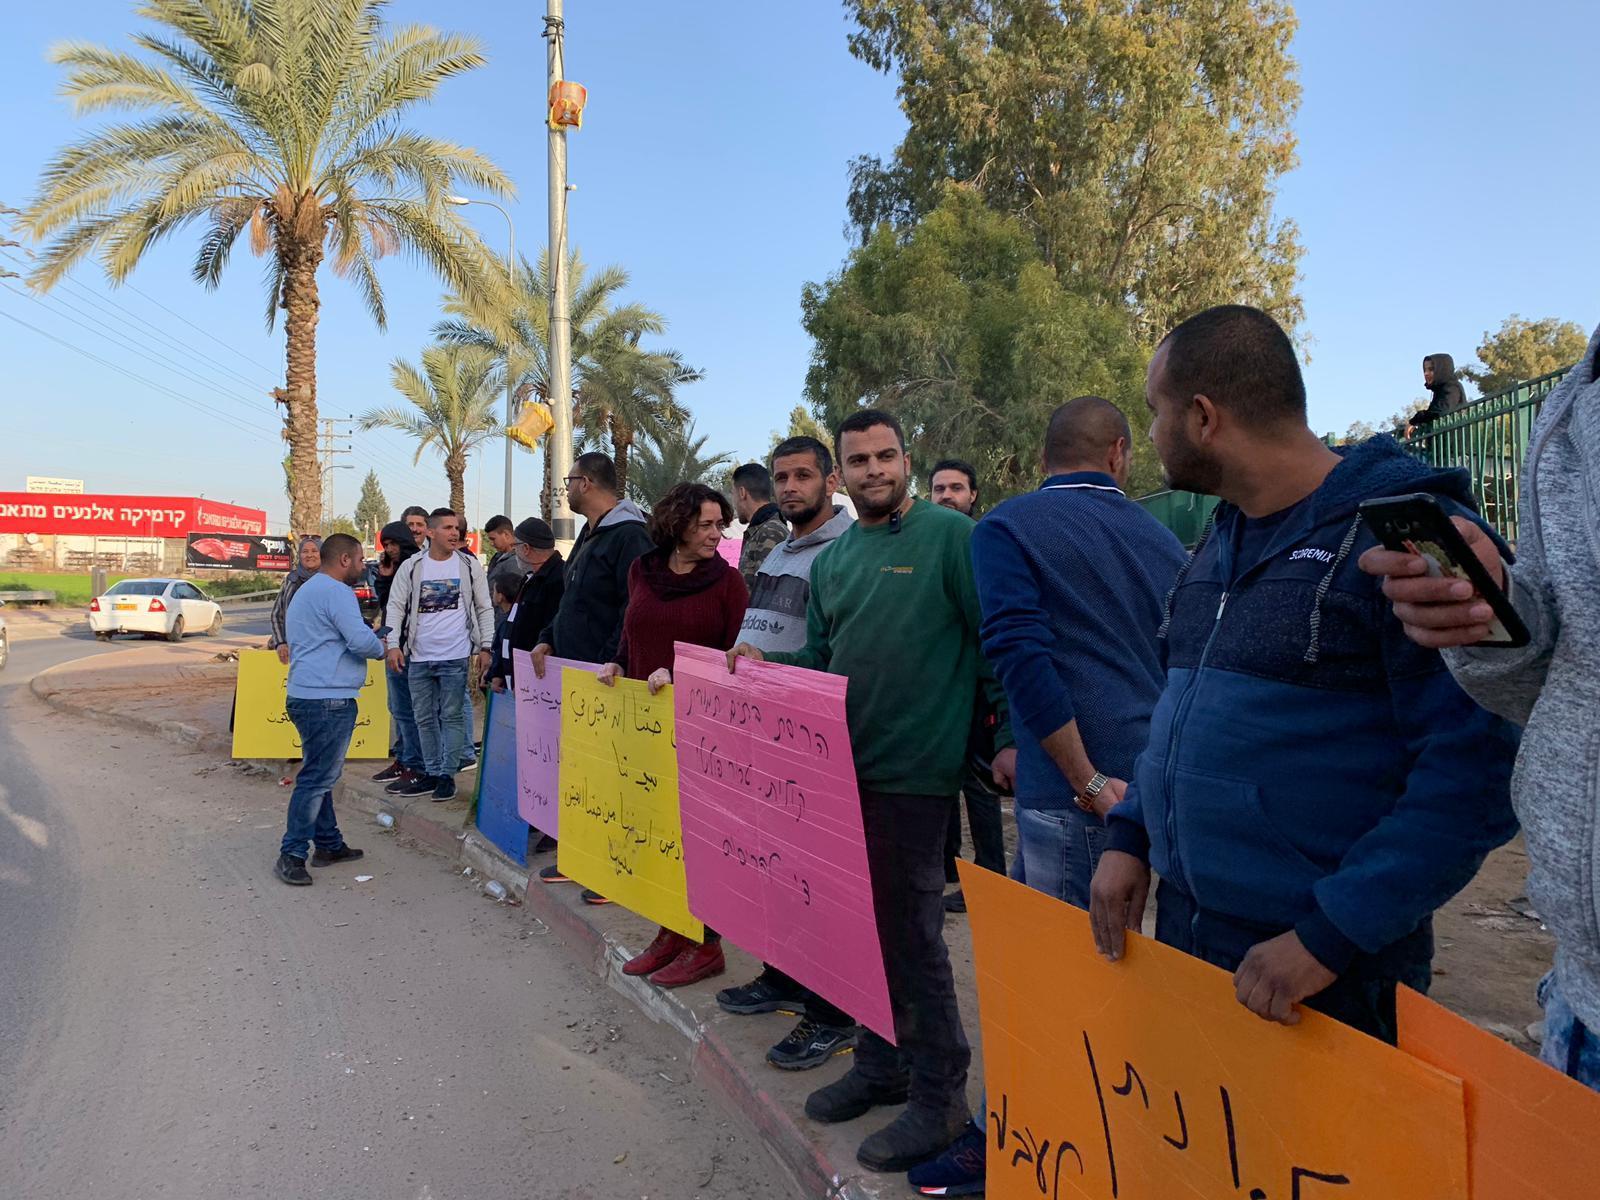 اعتقالات واعتداء على المتظاهرين في قلنسوة